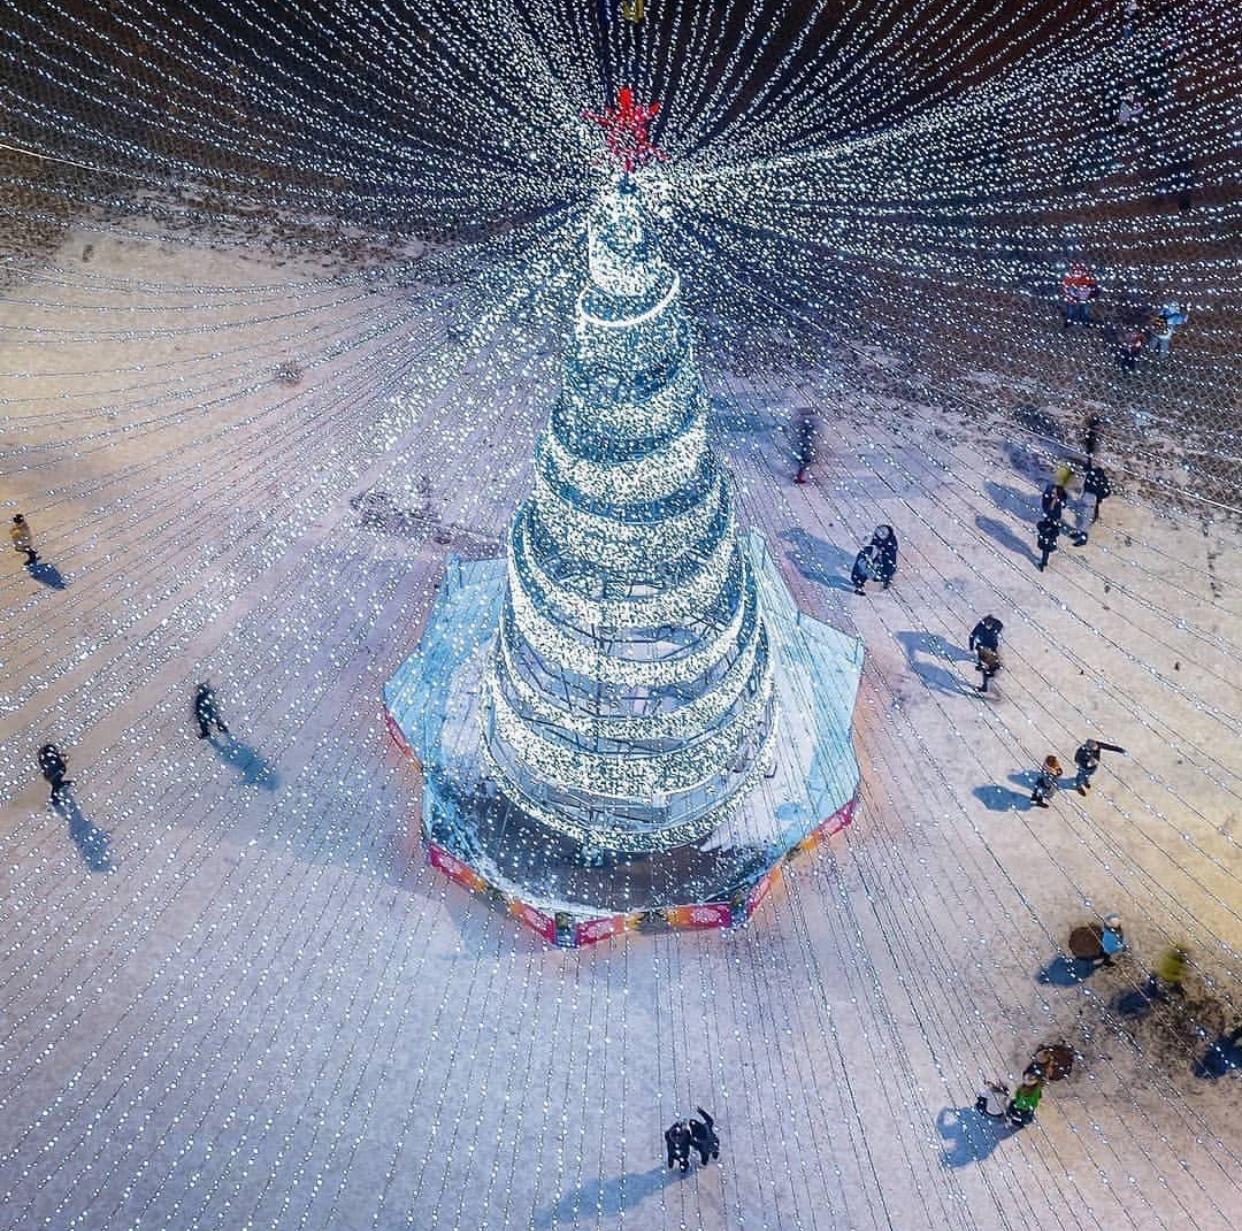 Куда сходить с ребенком в Минске сегодня на выходные на новогодние каникулы с детьми летом зимой Достопримечательности